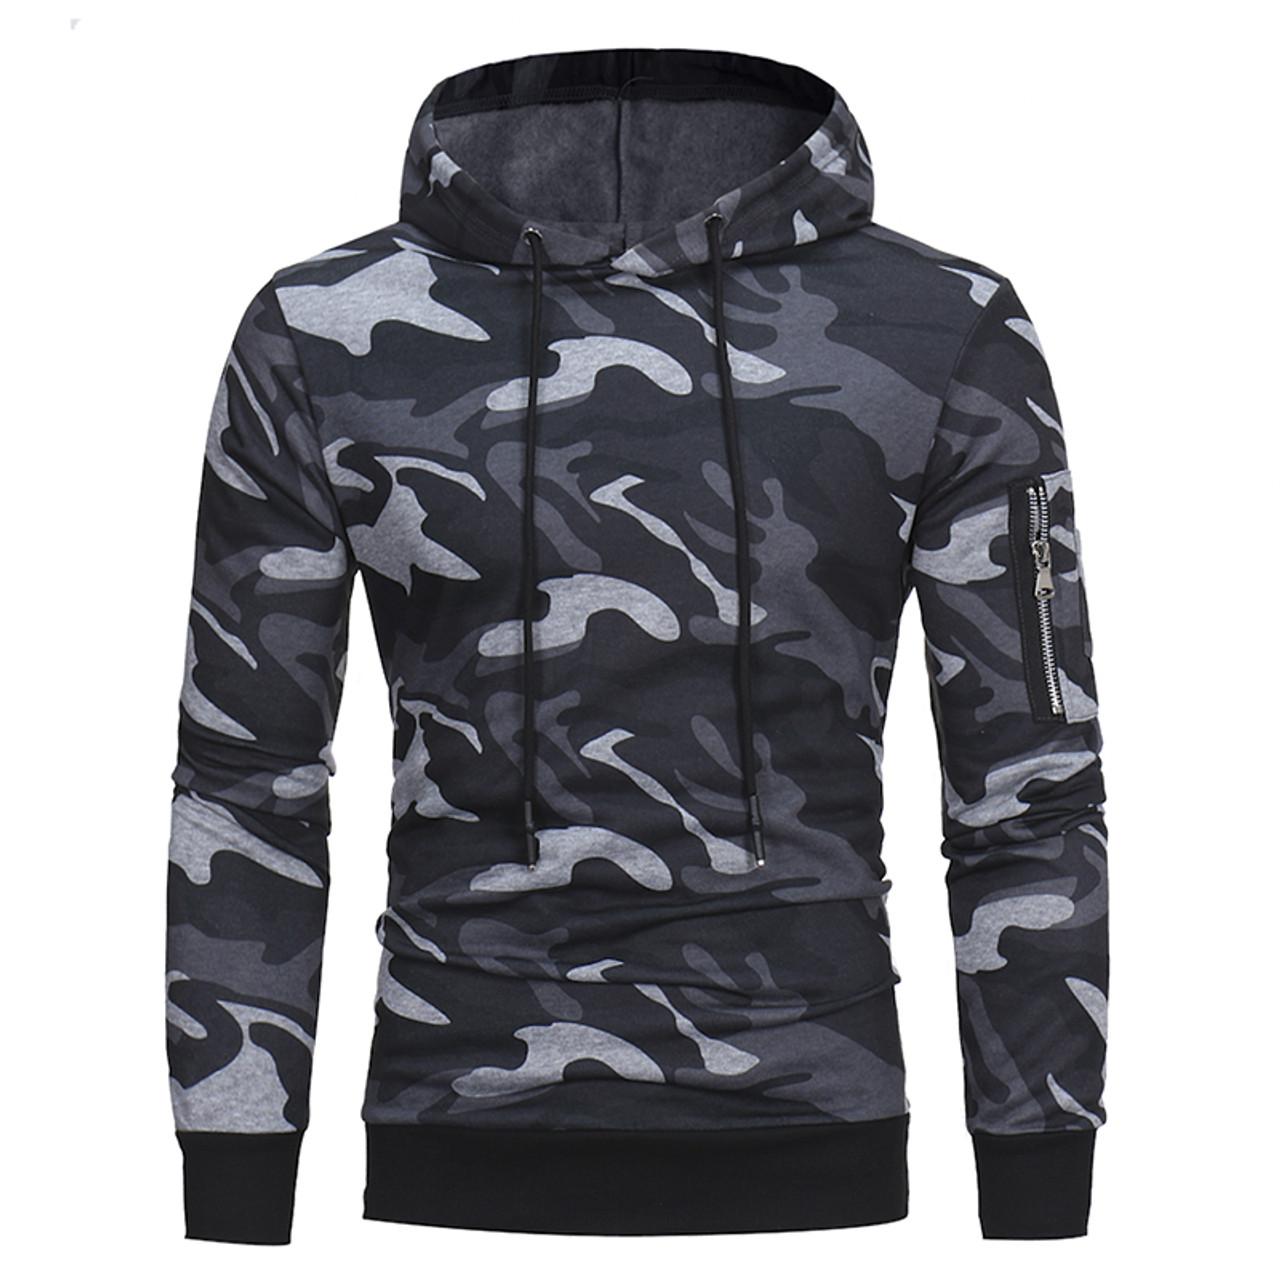 08a00ca0fc36 ... Men s Hoodies 2017 Brand Long Sleeve Sweatshirt 3D Hoodies Camo Printed  Hoodie Casual Hooded Tracksuit Big ...